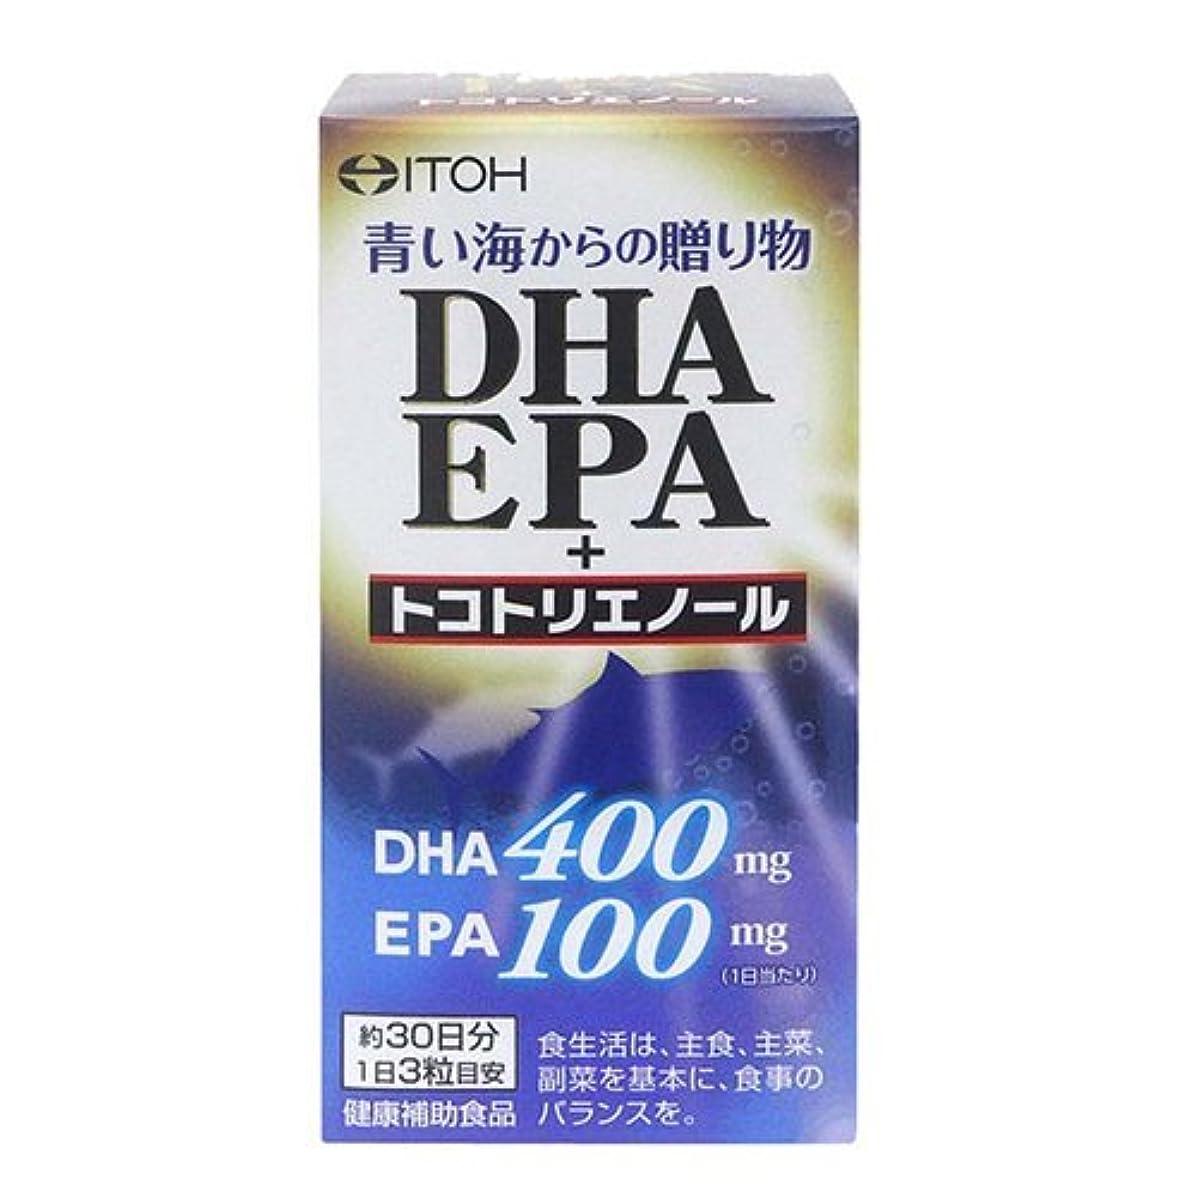 声を出して大型トラック慰め井藤漢方製薬 DHA EPA+トコトリエノール 約30日分 90粒 Japan